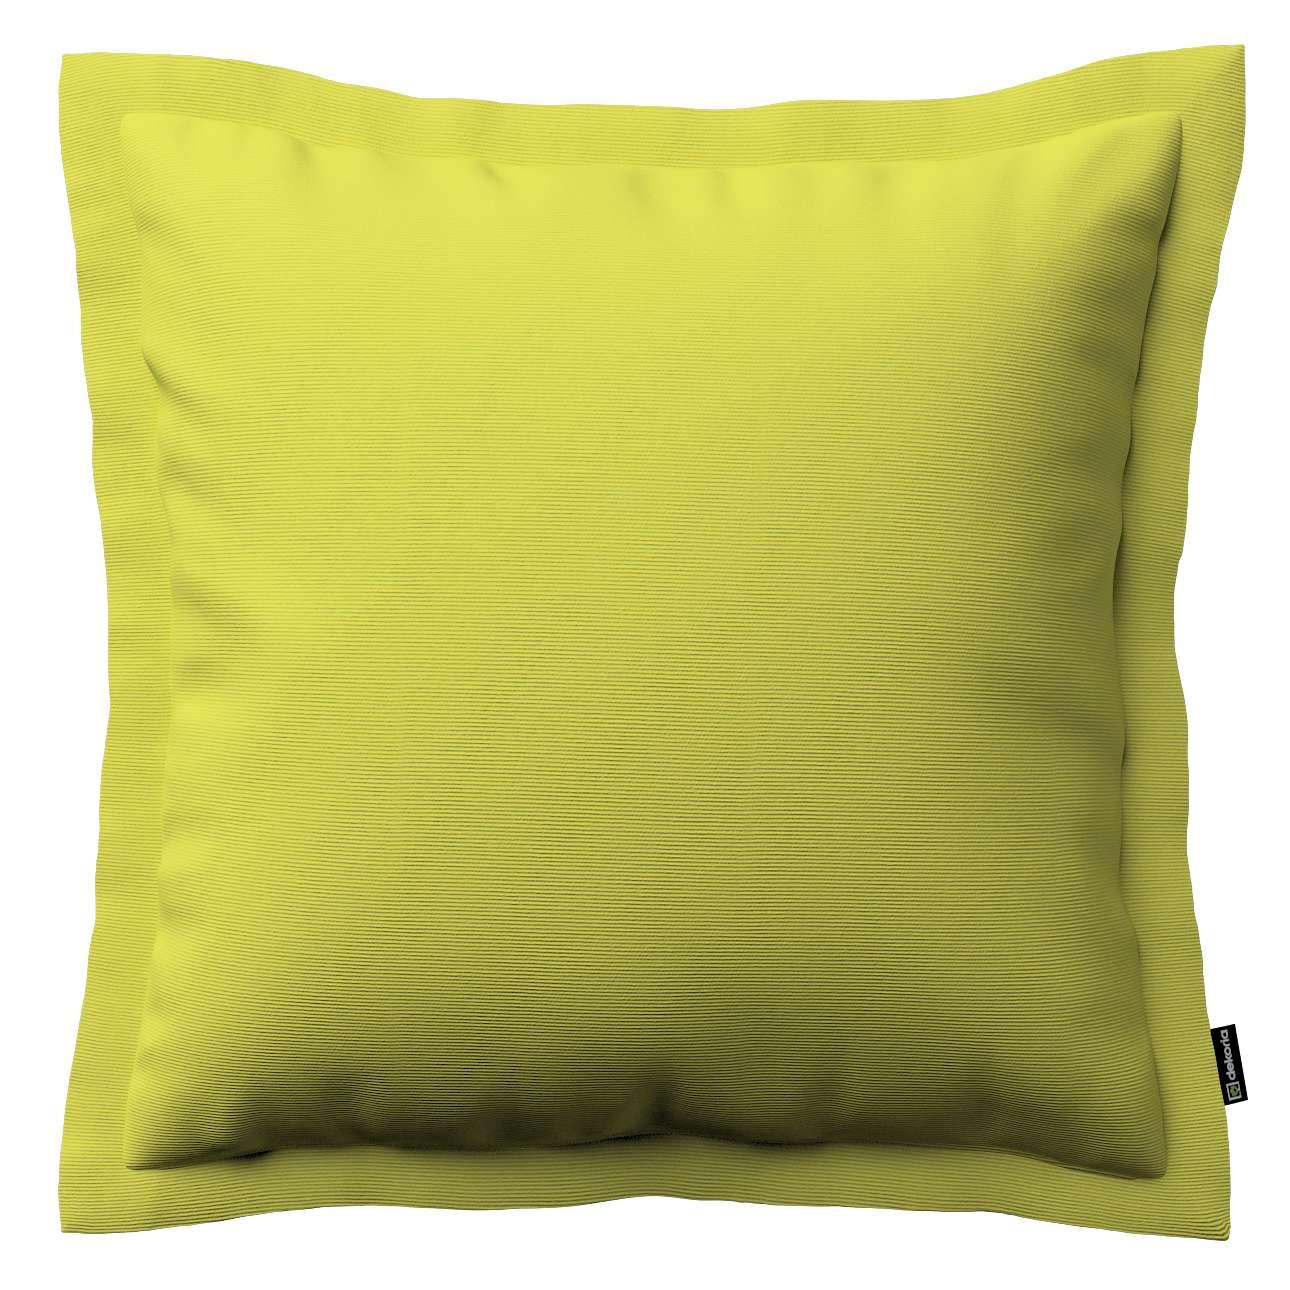 Mona dekoratyvinių pagalvėlių užvalkalas su sienele 45 x 45cm kolekcijoje Jupiter, audinys: 127-50